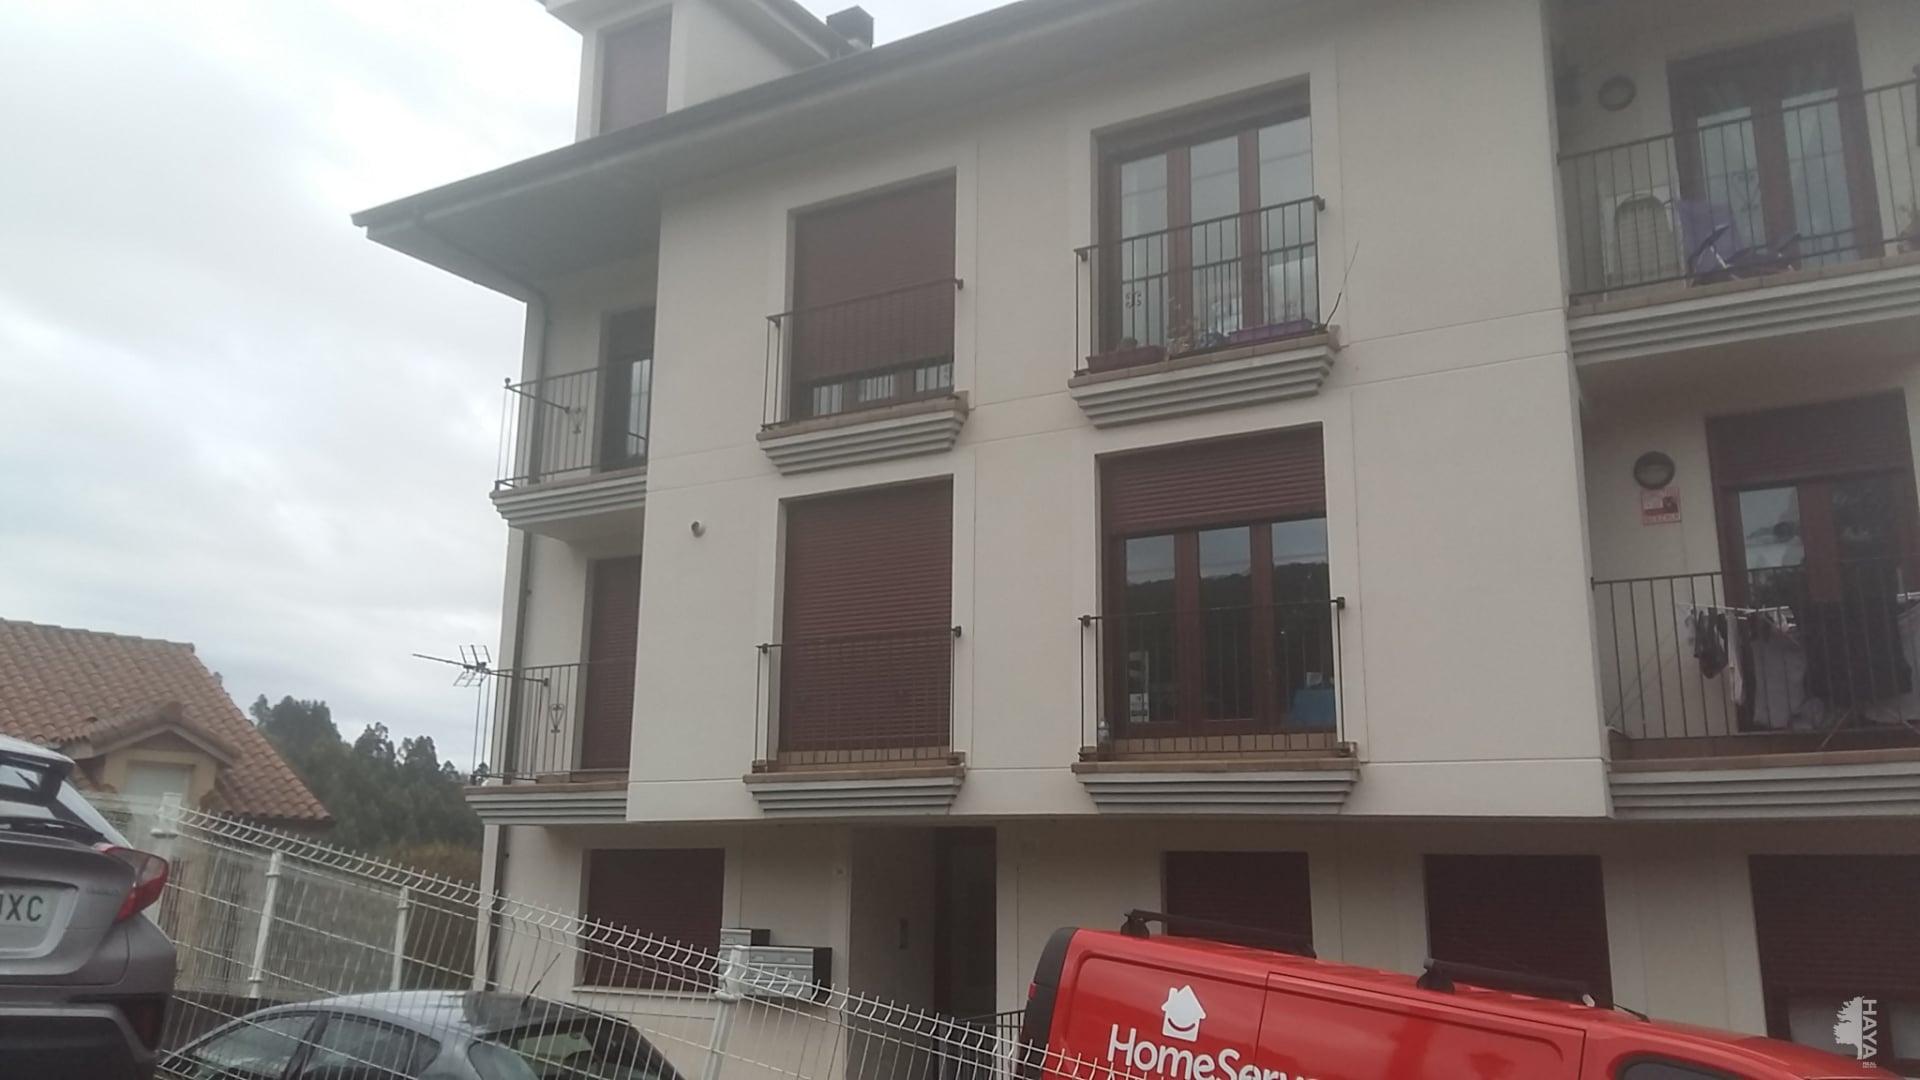 Piso en venta en Limpias, Cantabria, Calle del Canton, 70.000 €, 1 baño, 73 m2